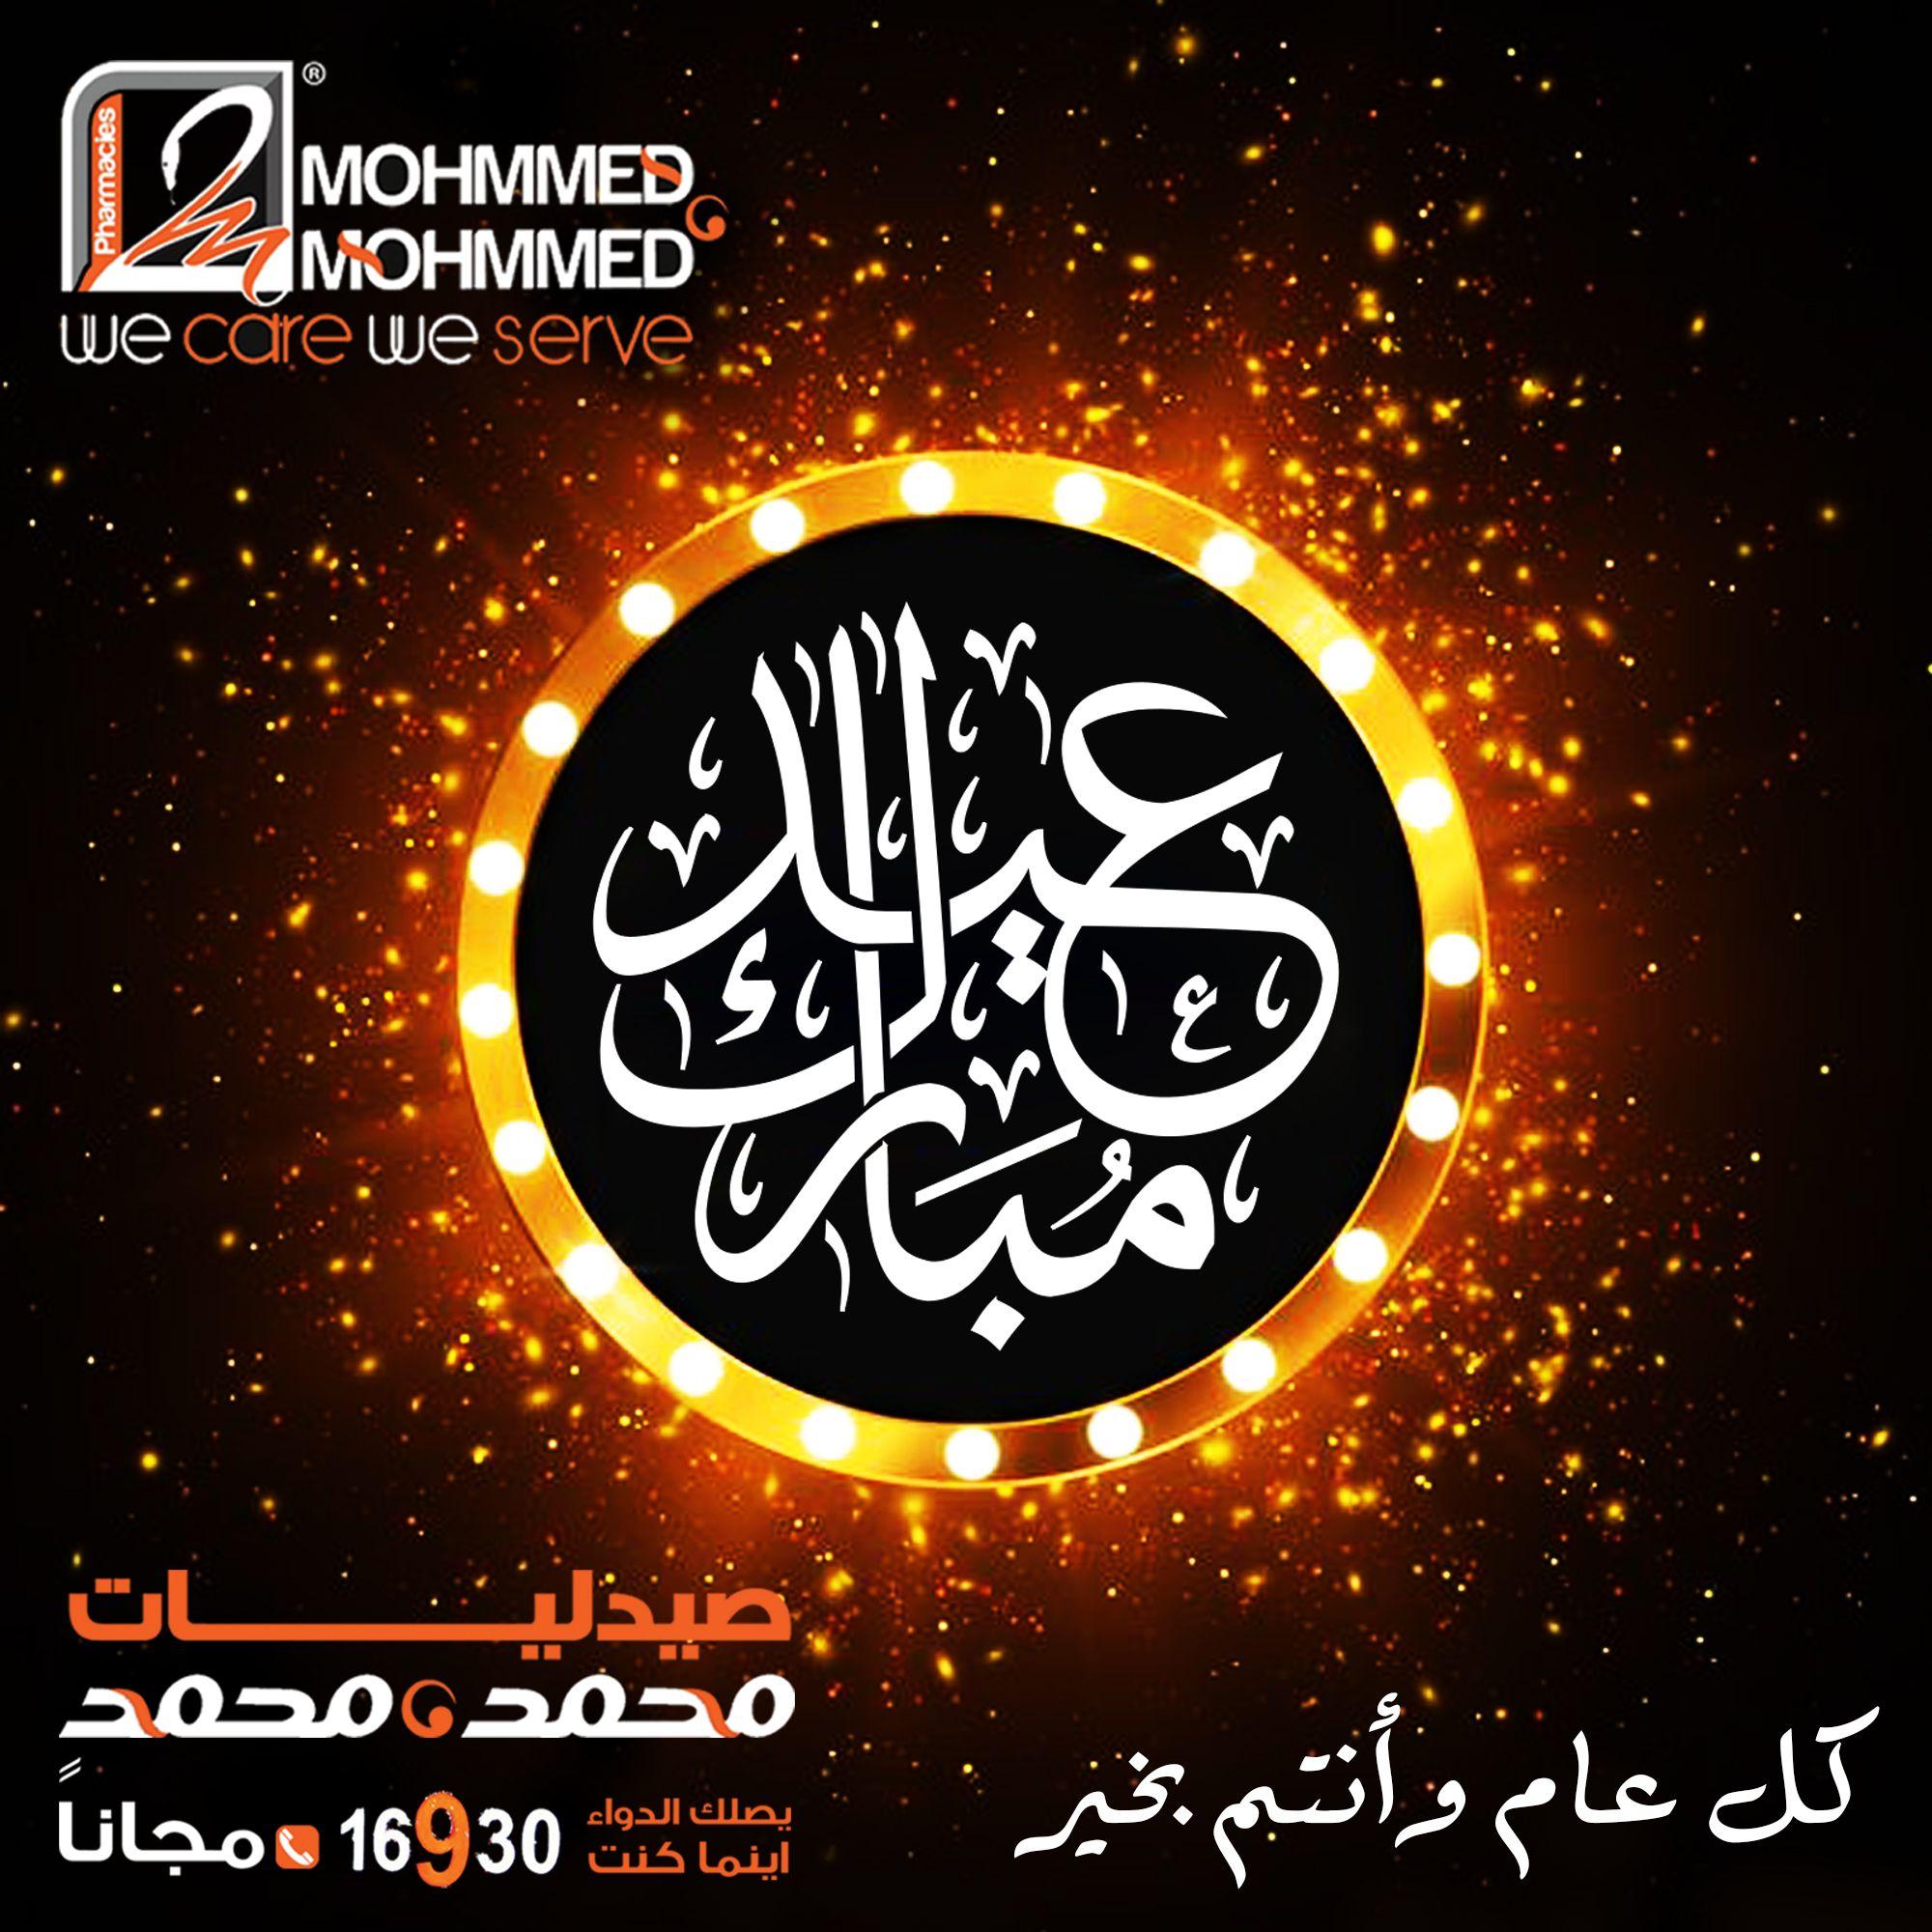 صيدليات محمد ومحمد بتقولكم كل سنه وانتم طيبين بمناسبة عيد الأضحى المبارك Movie Posters Poster Occasion